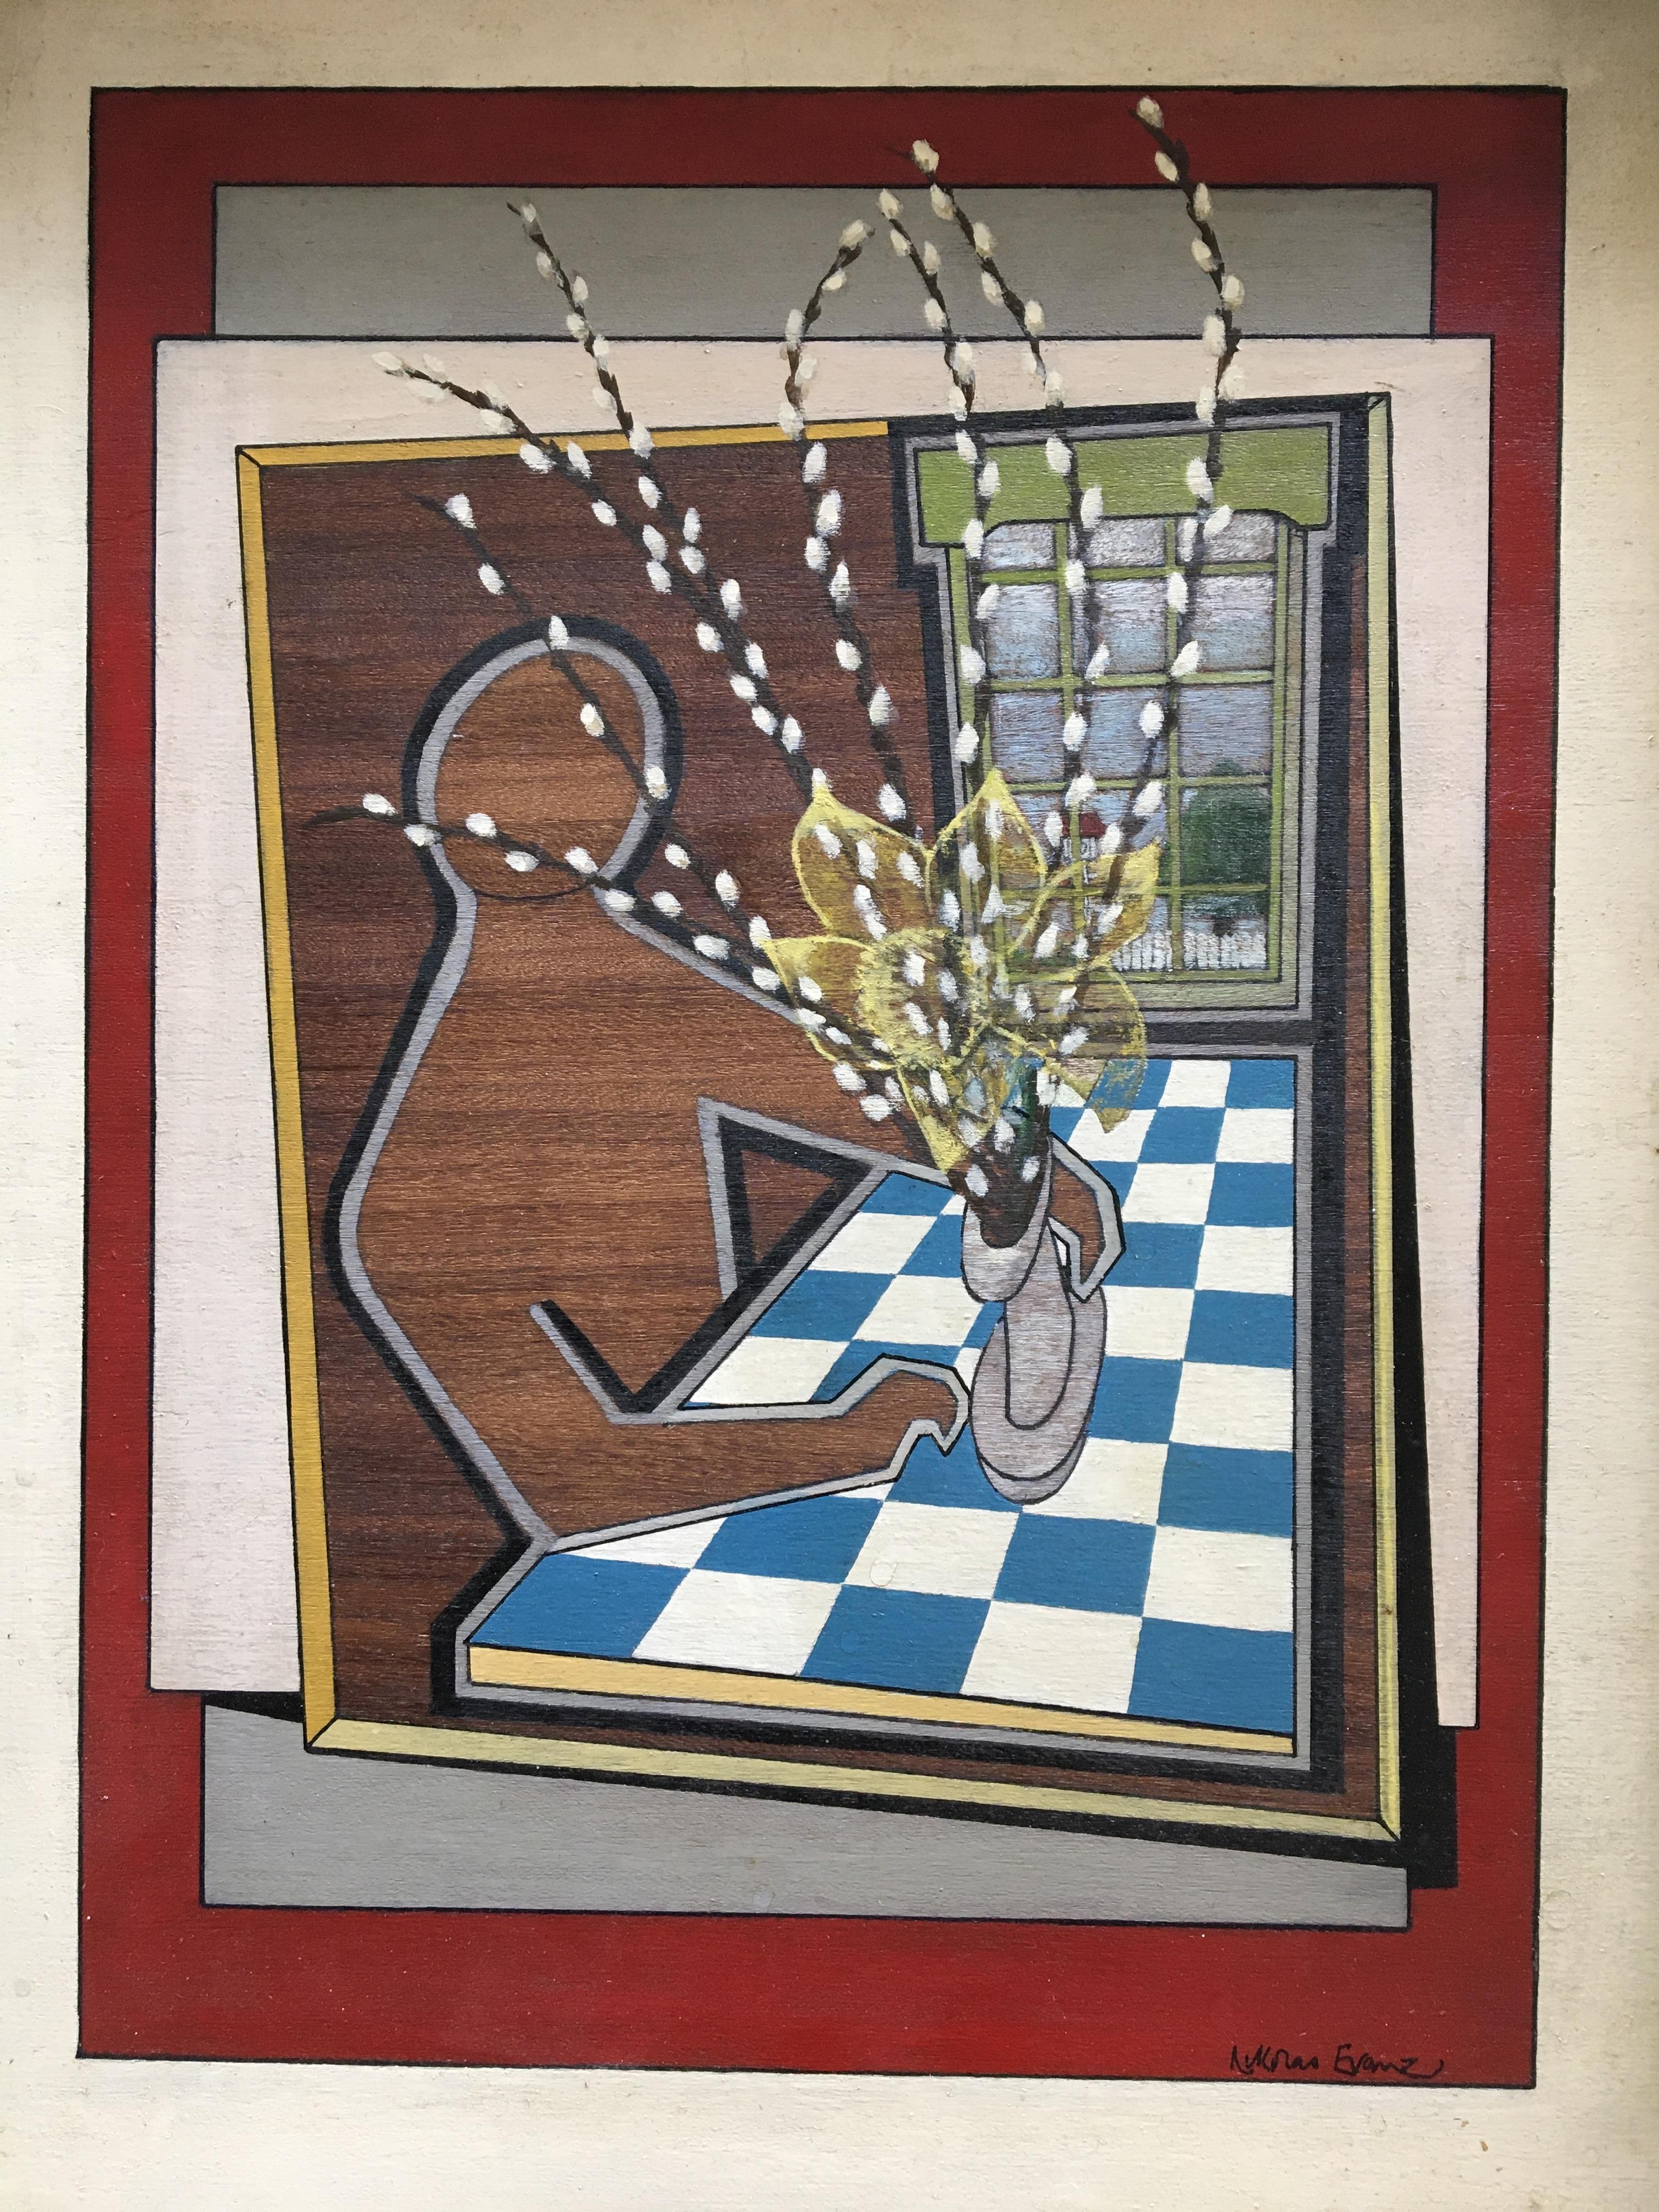 *NIKOLAS EVANS. Framed, signed, dated 1974 and titled 'The Flower Arranger', cryla and enamel oils